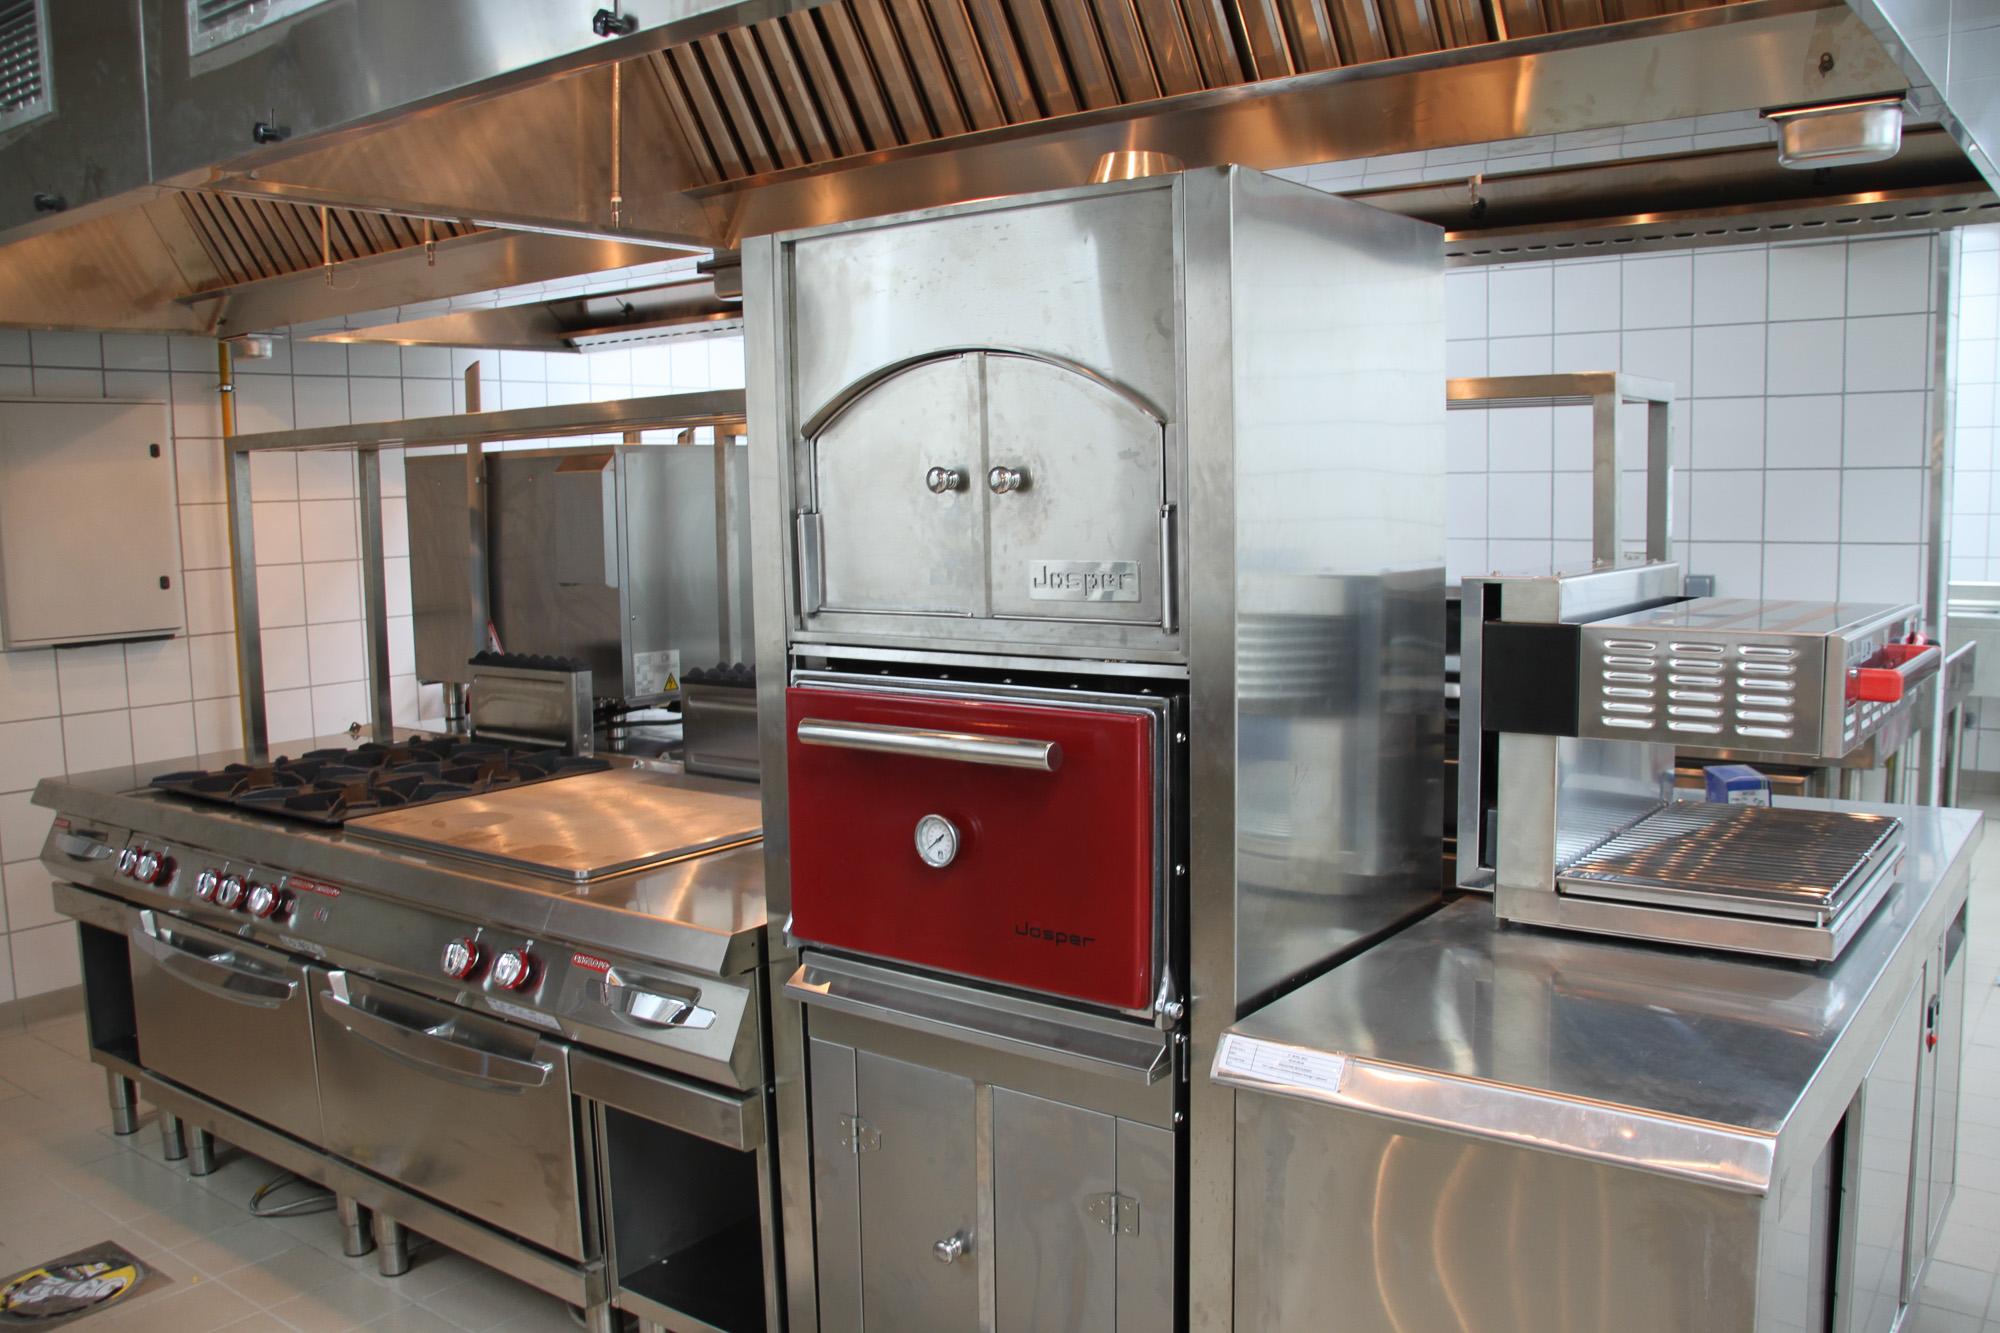 Italia_kitchen_-st.regis-8